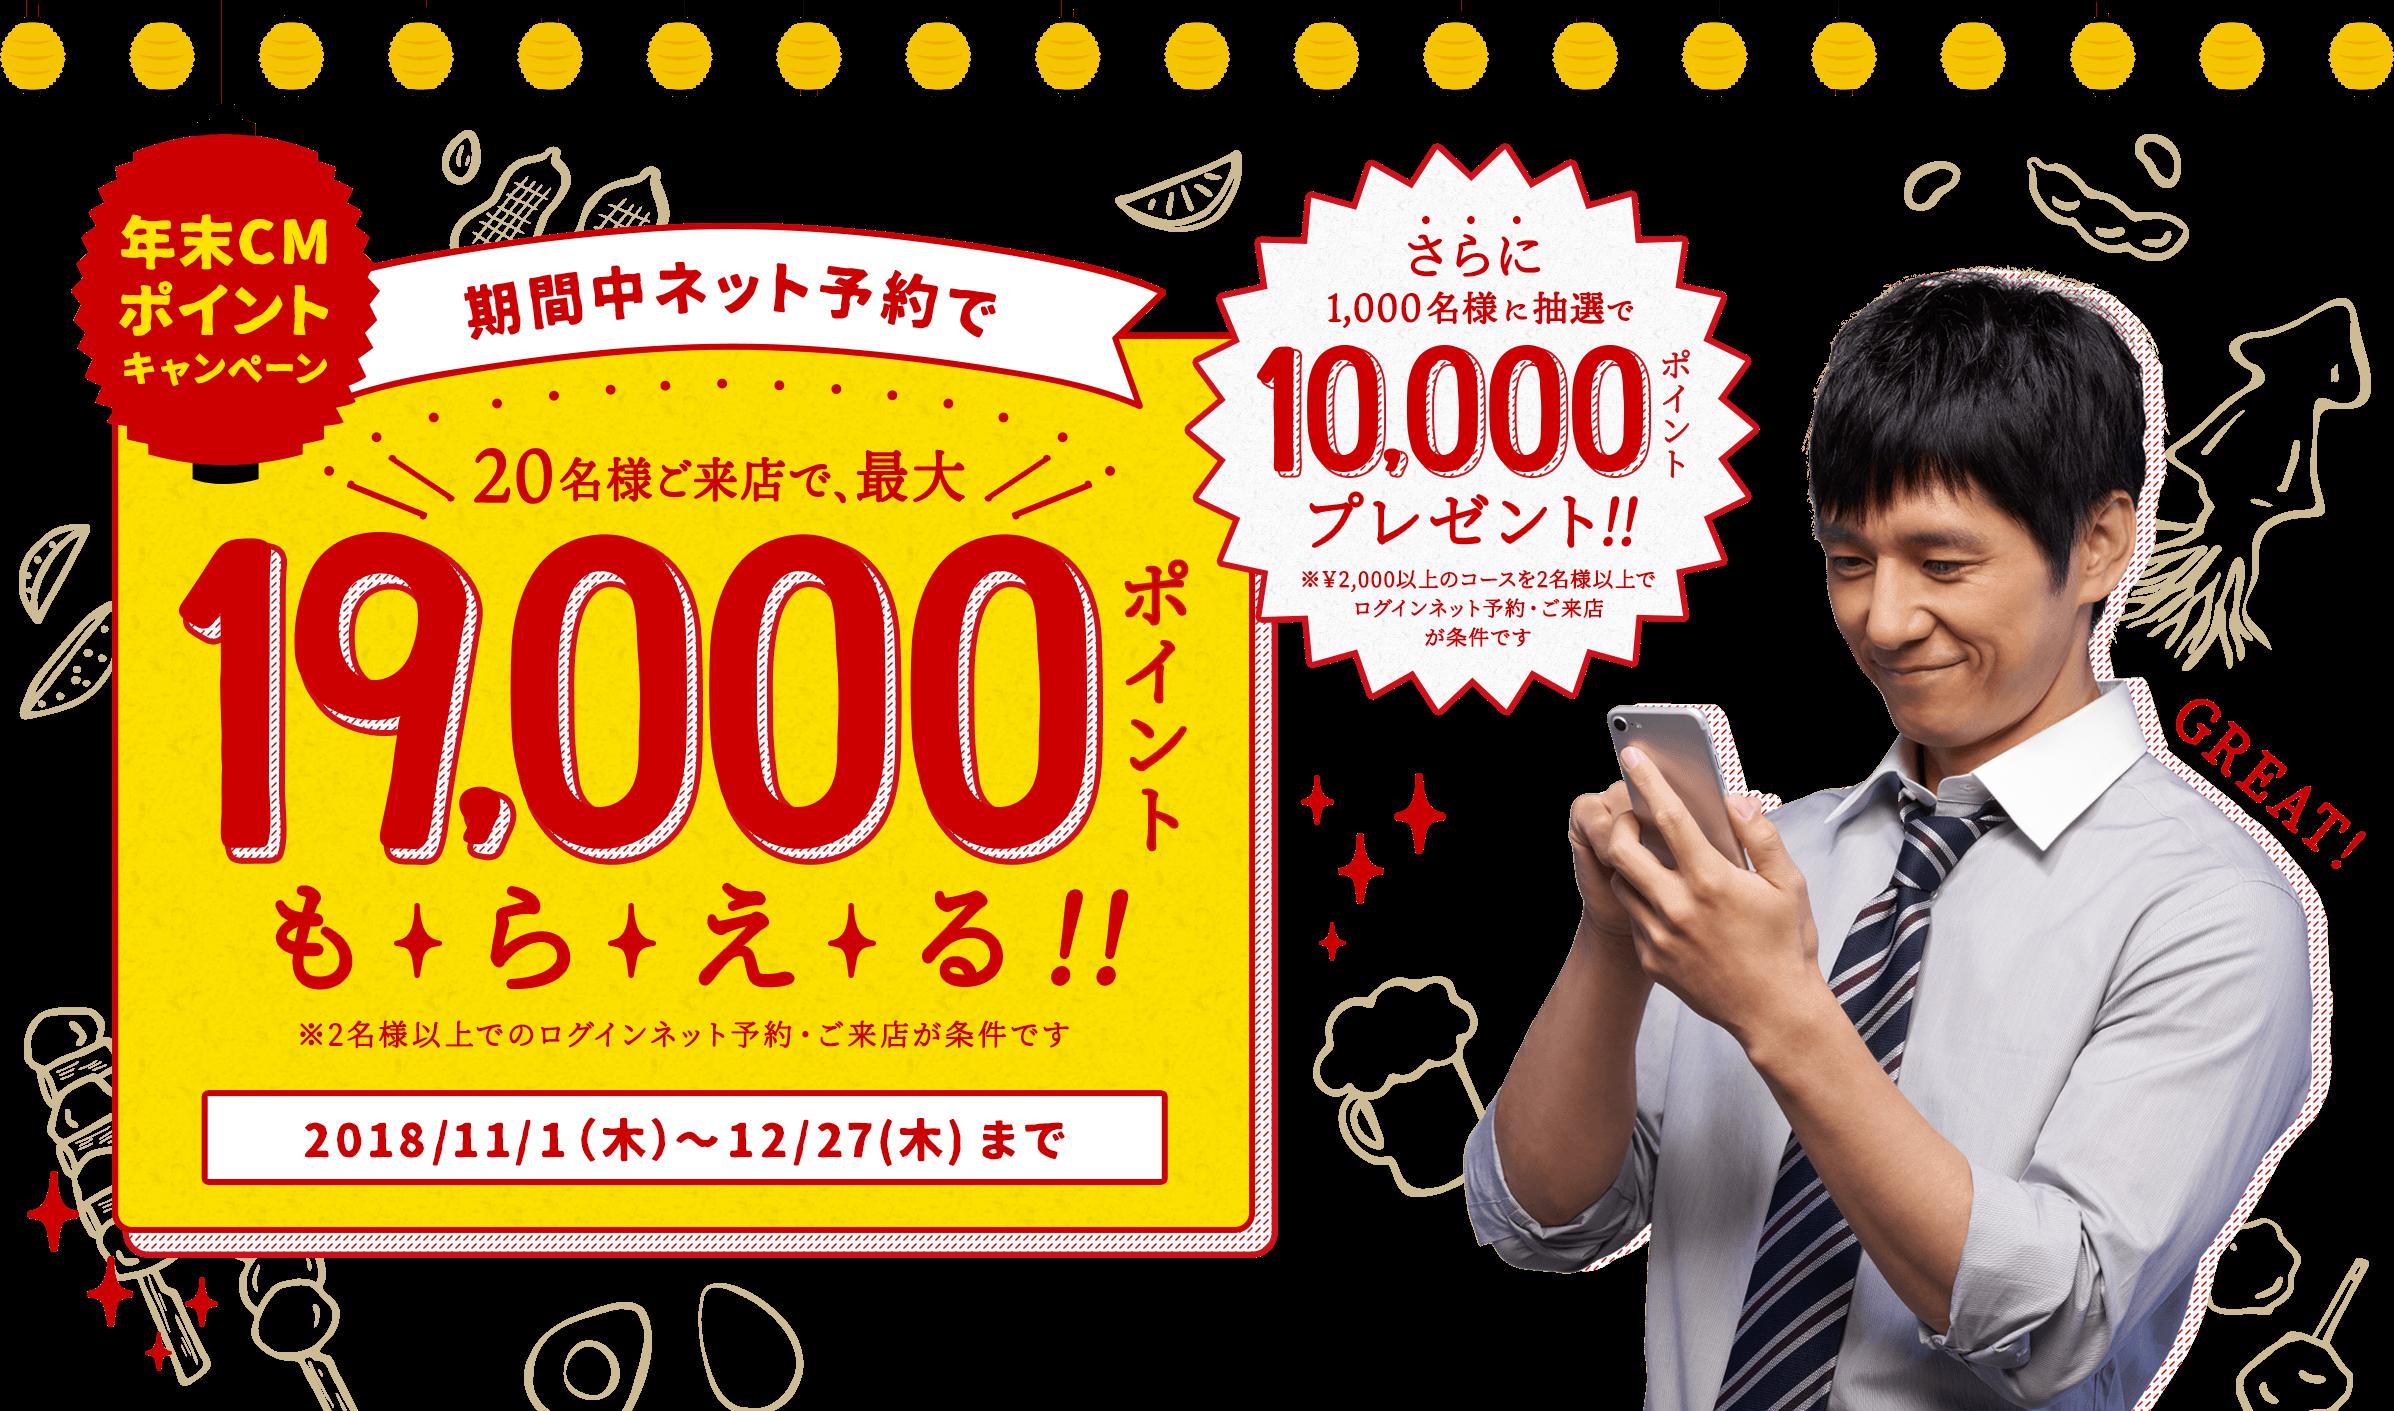 年末CMポイントキャンペーン 期間中ネット予約で 20名様ご来店で、最大19,000ポイントもらえる!! ※2名様以上でのログインネット予約・ご来店が条件です 2018/11/1(木)〜12/27(木)まで さらに1,000名様に抽選で10,000ポイントプレゼント!! ※¥2,000以上のコースを2名様以上でログインネット予約・ご来店が条件です